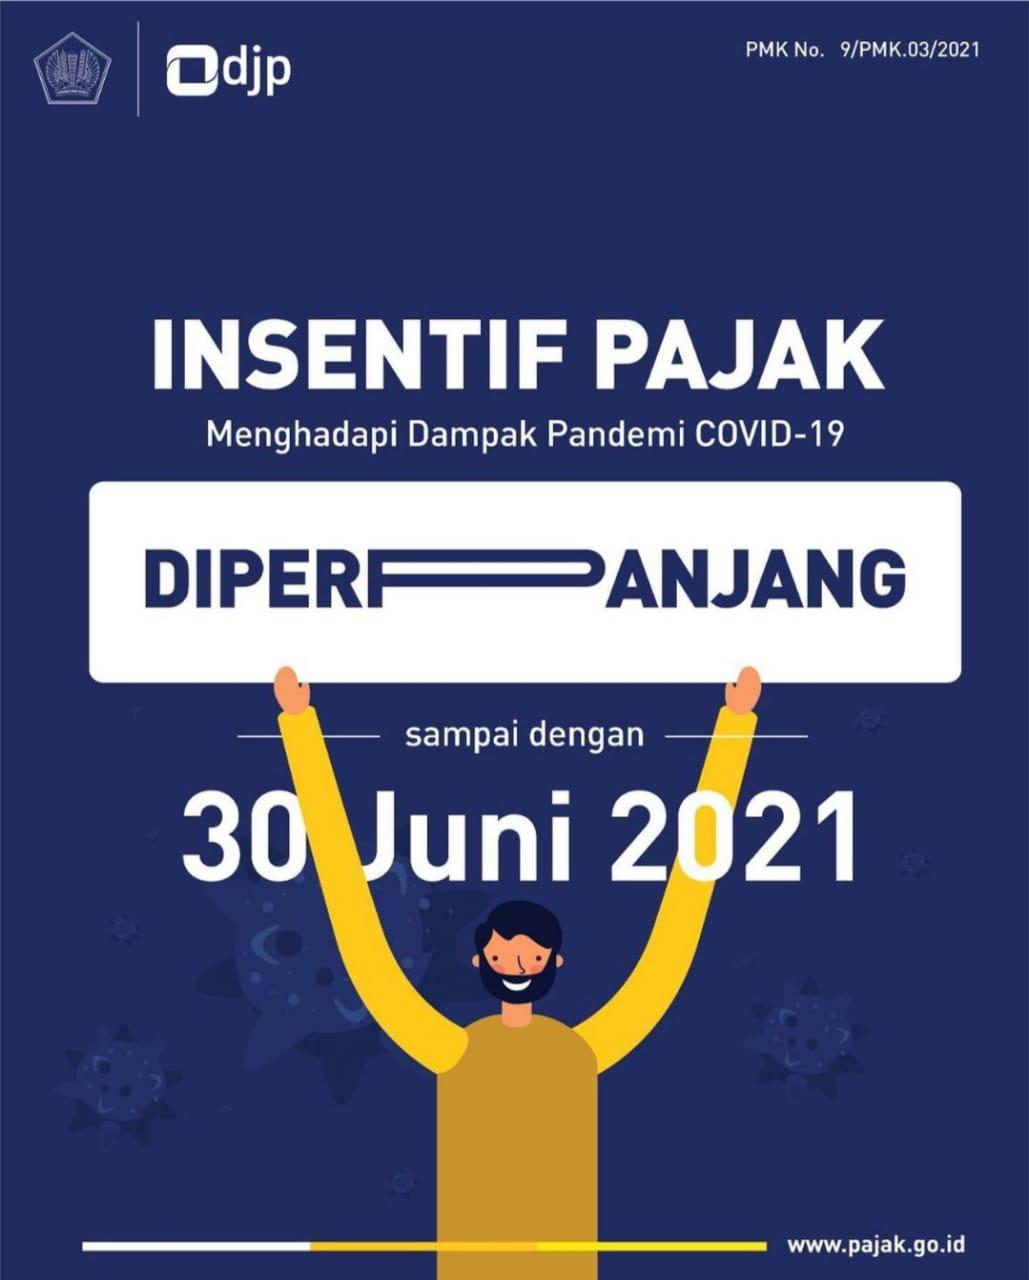 Insentif pajak di perpanjang hingga Juni 2021